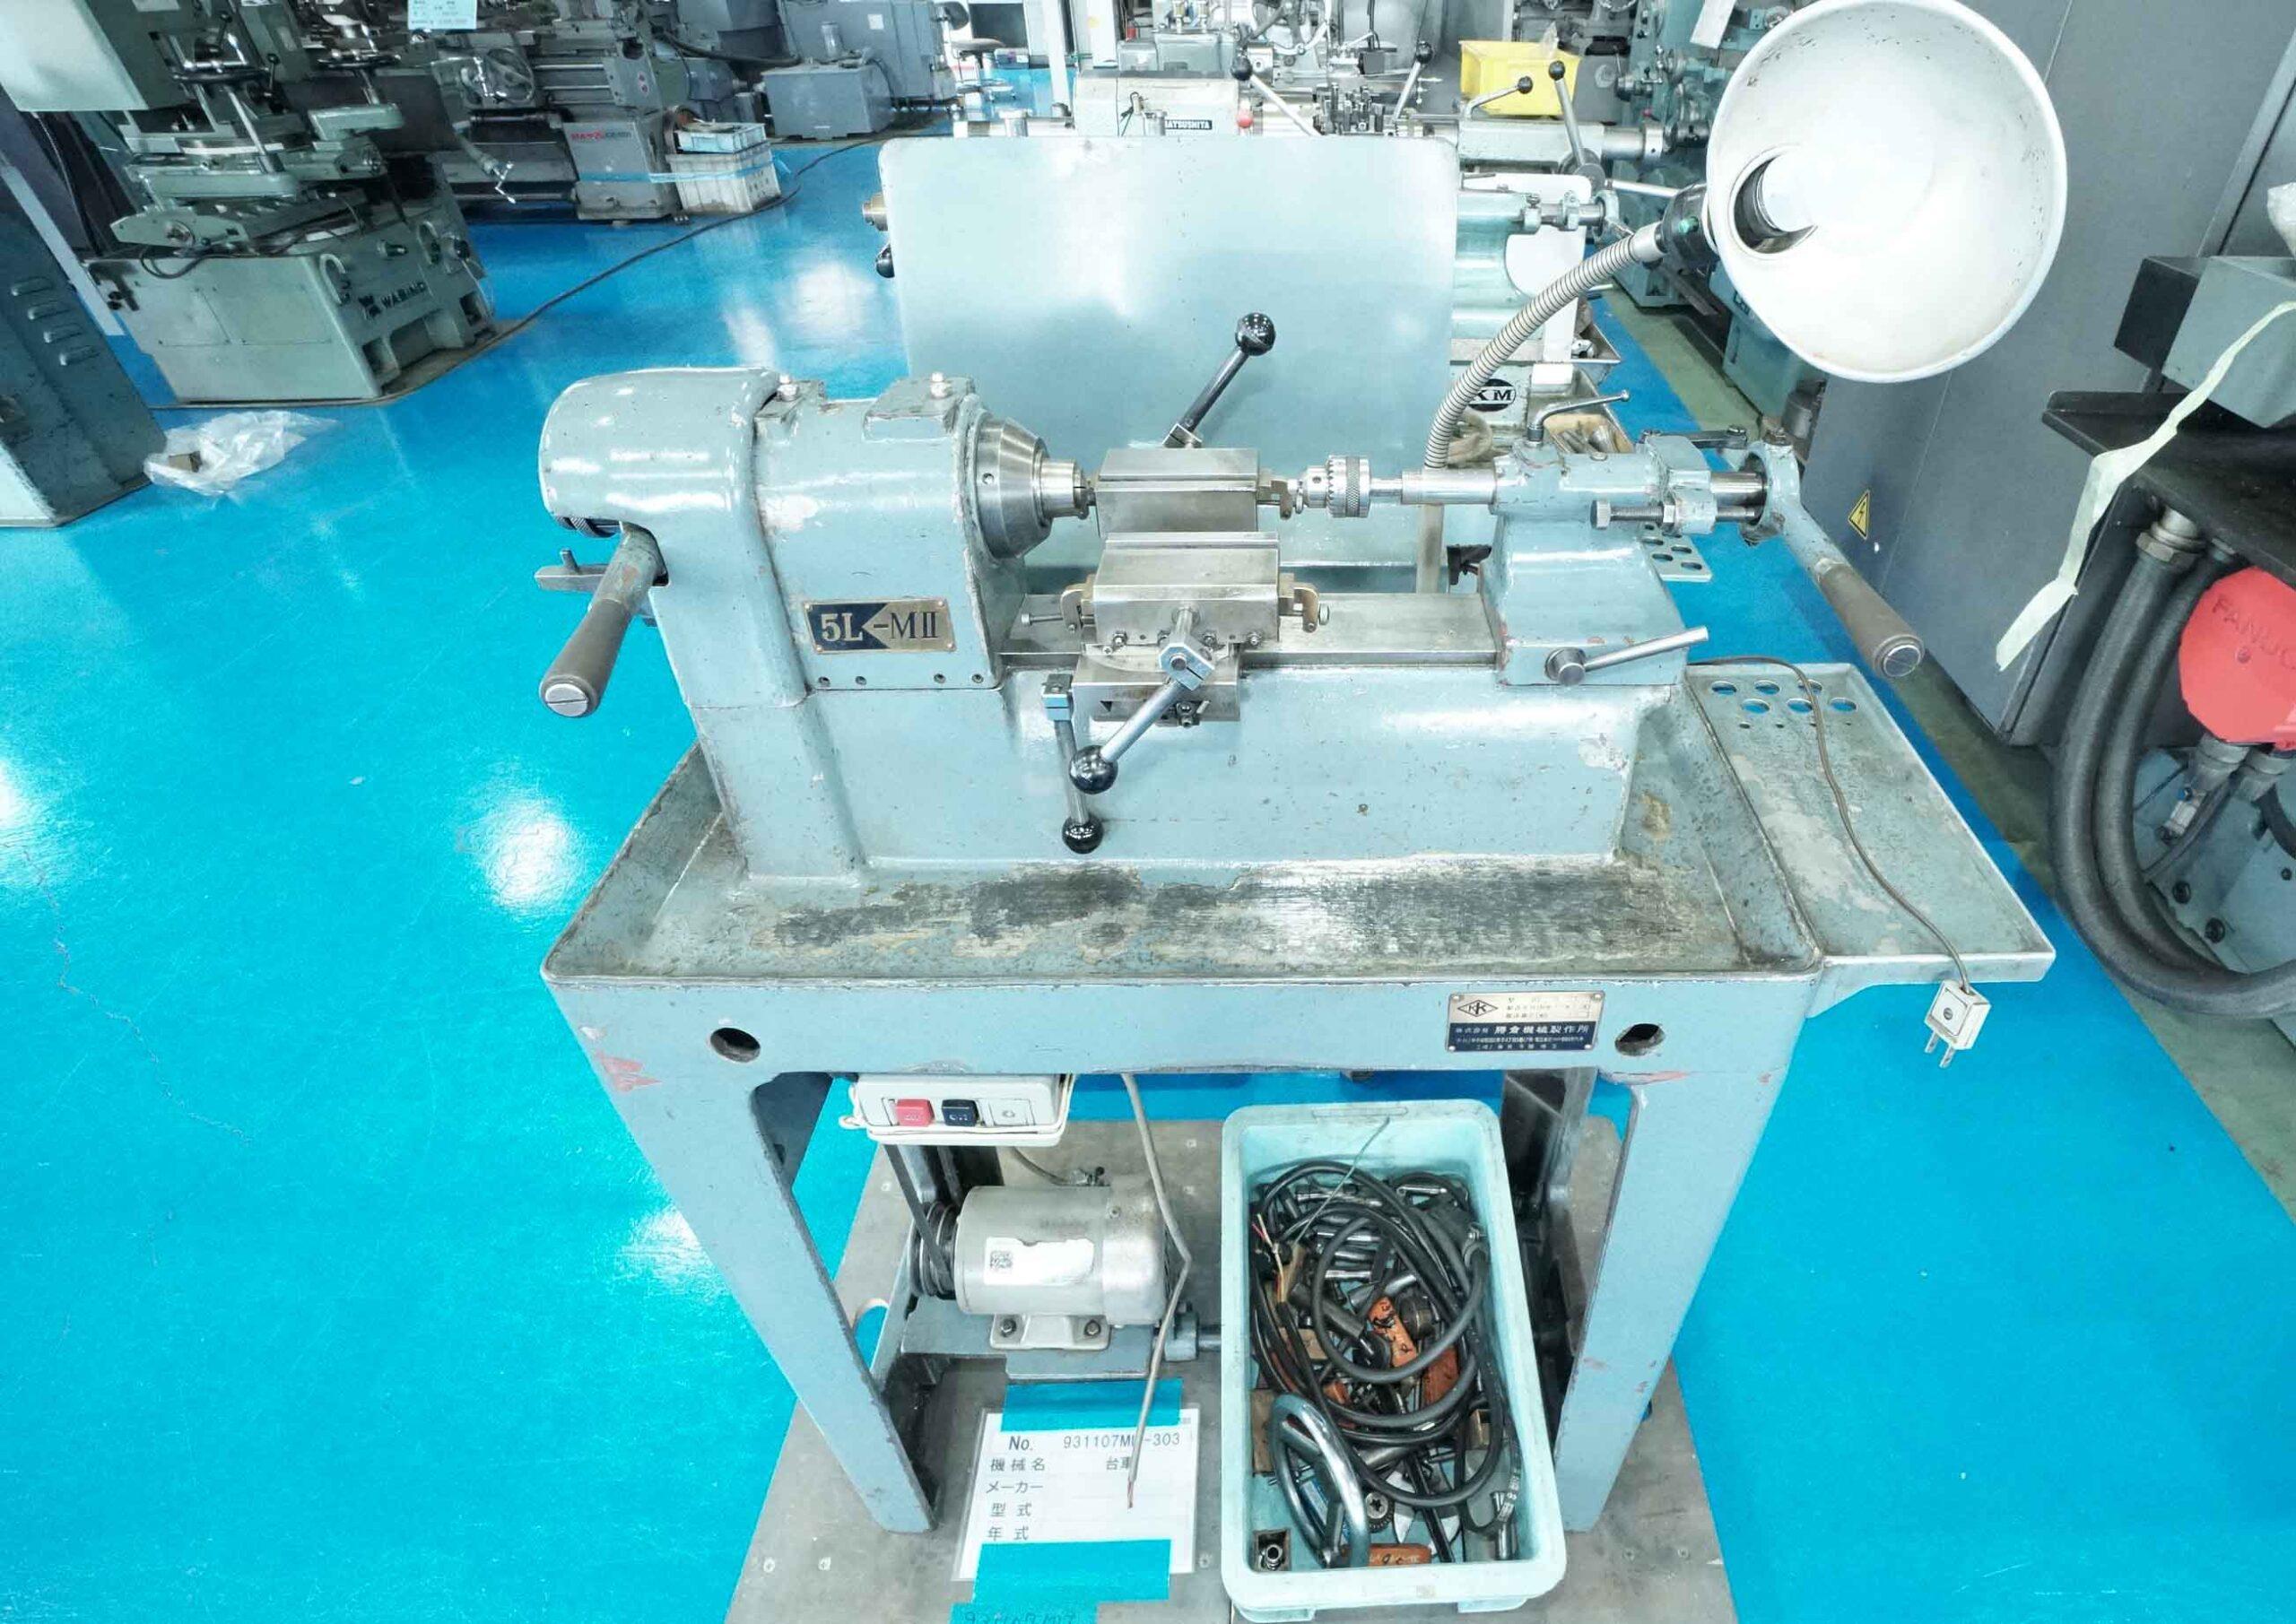 ベンチレース 勝倉機械製作所 5L-MⅡの画像